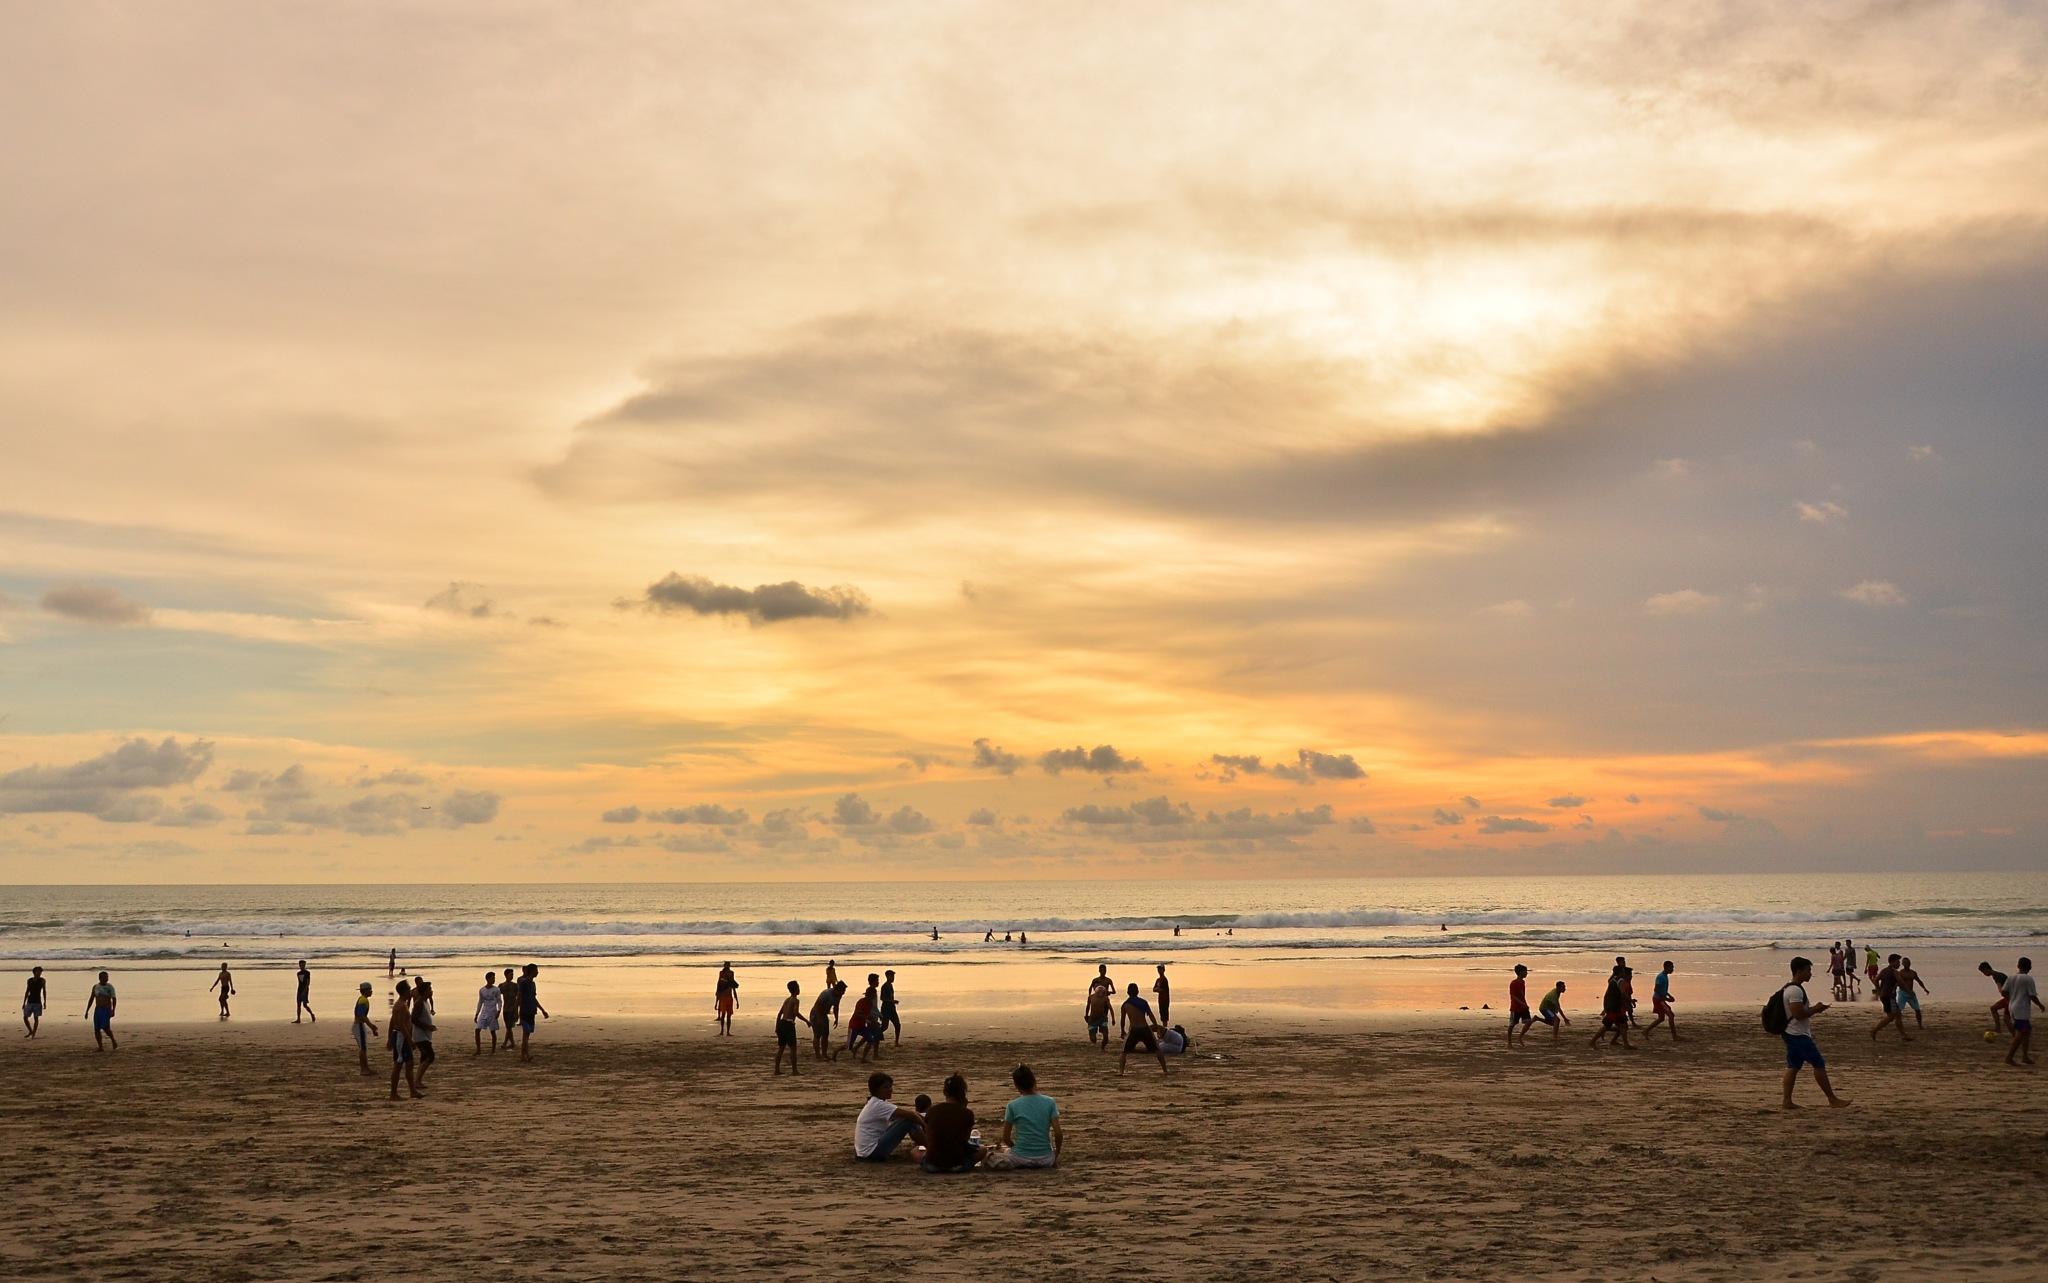 Beach Activities by Dauz de Respect